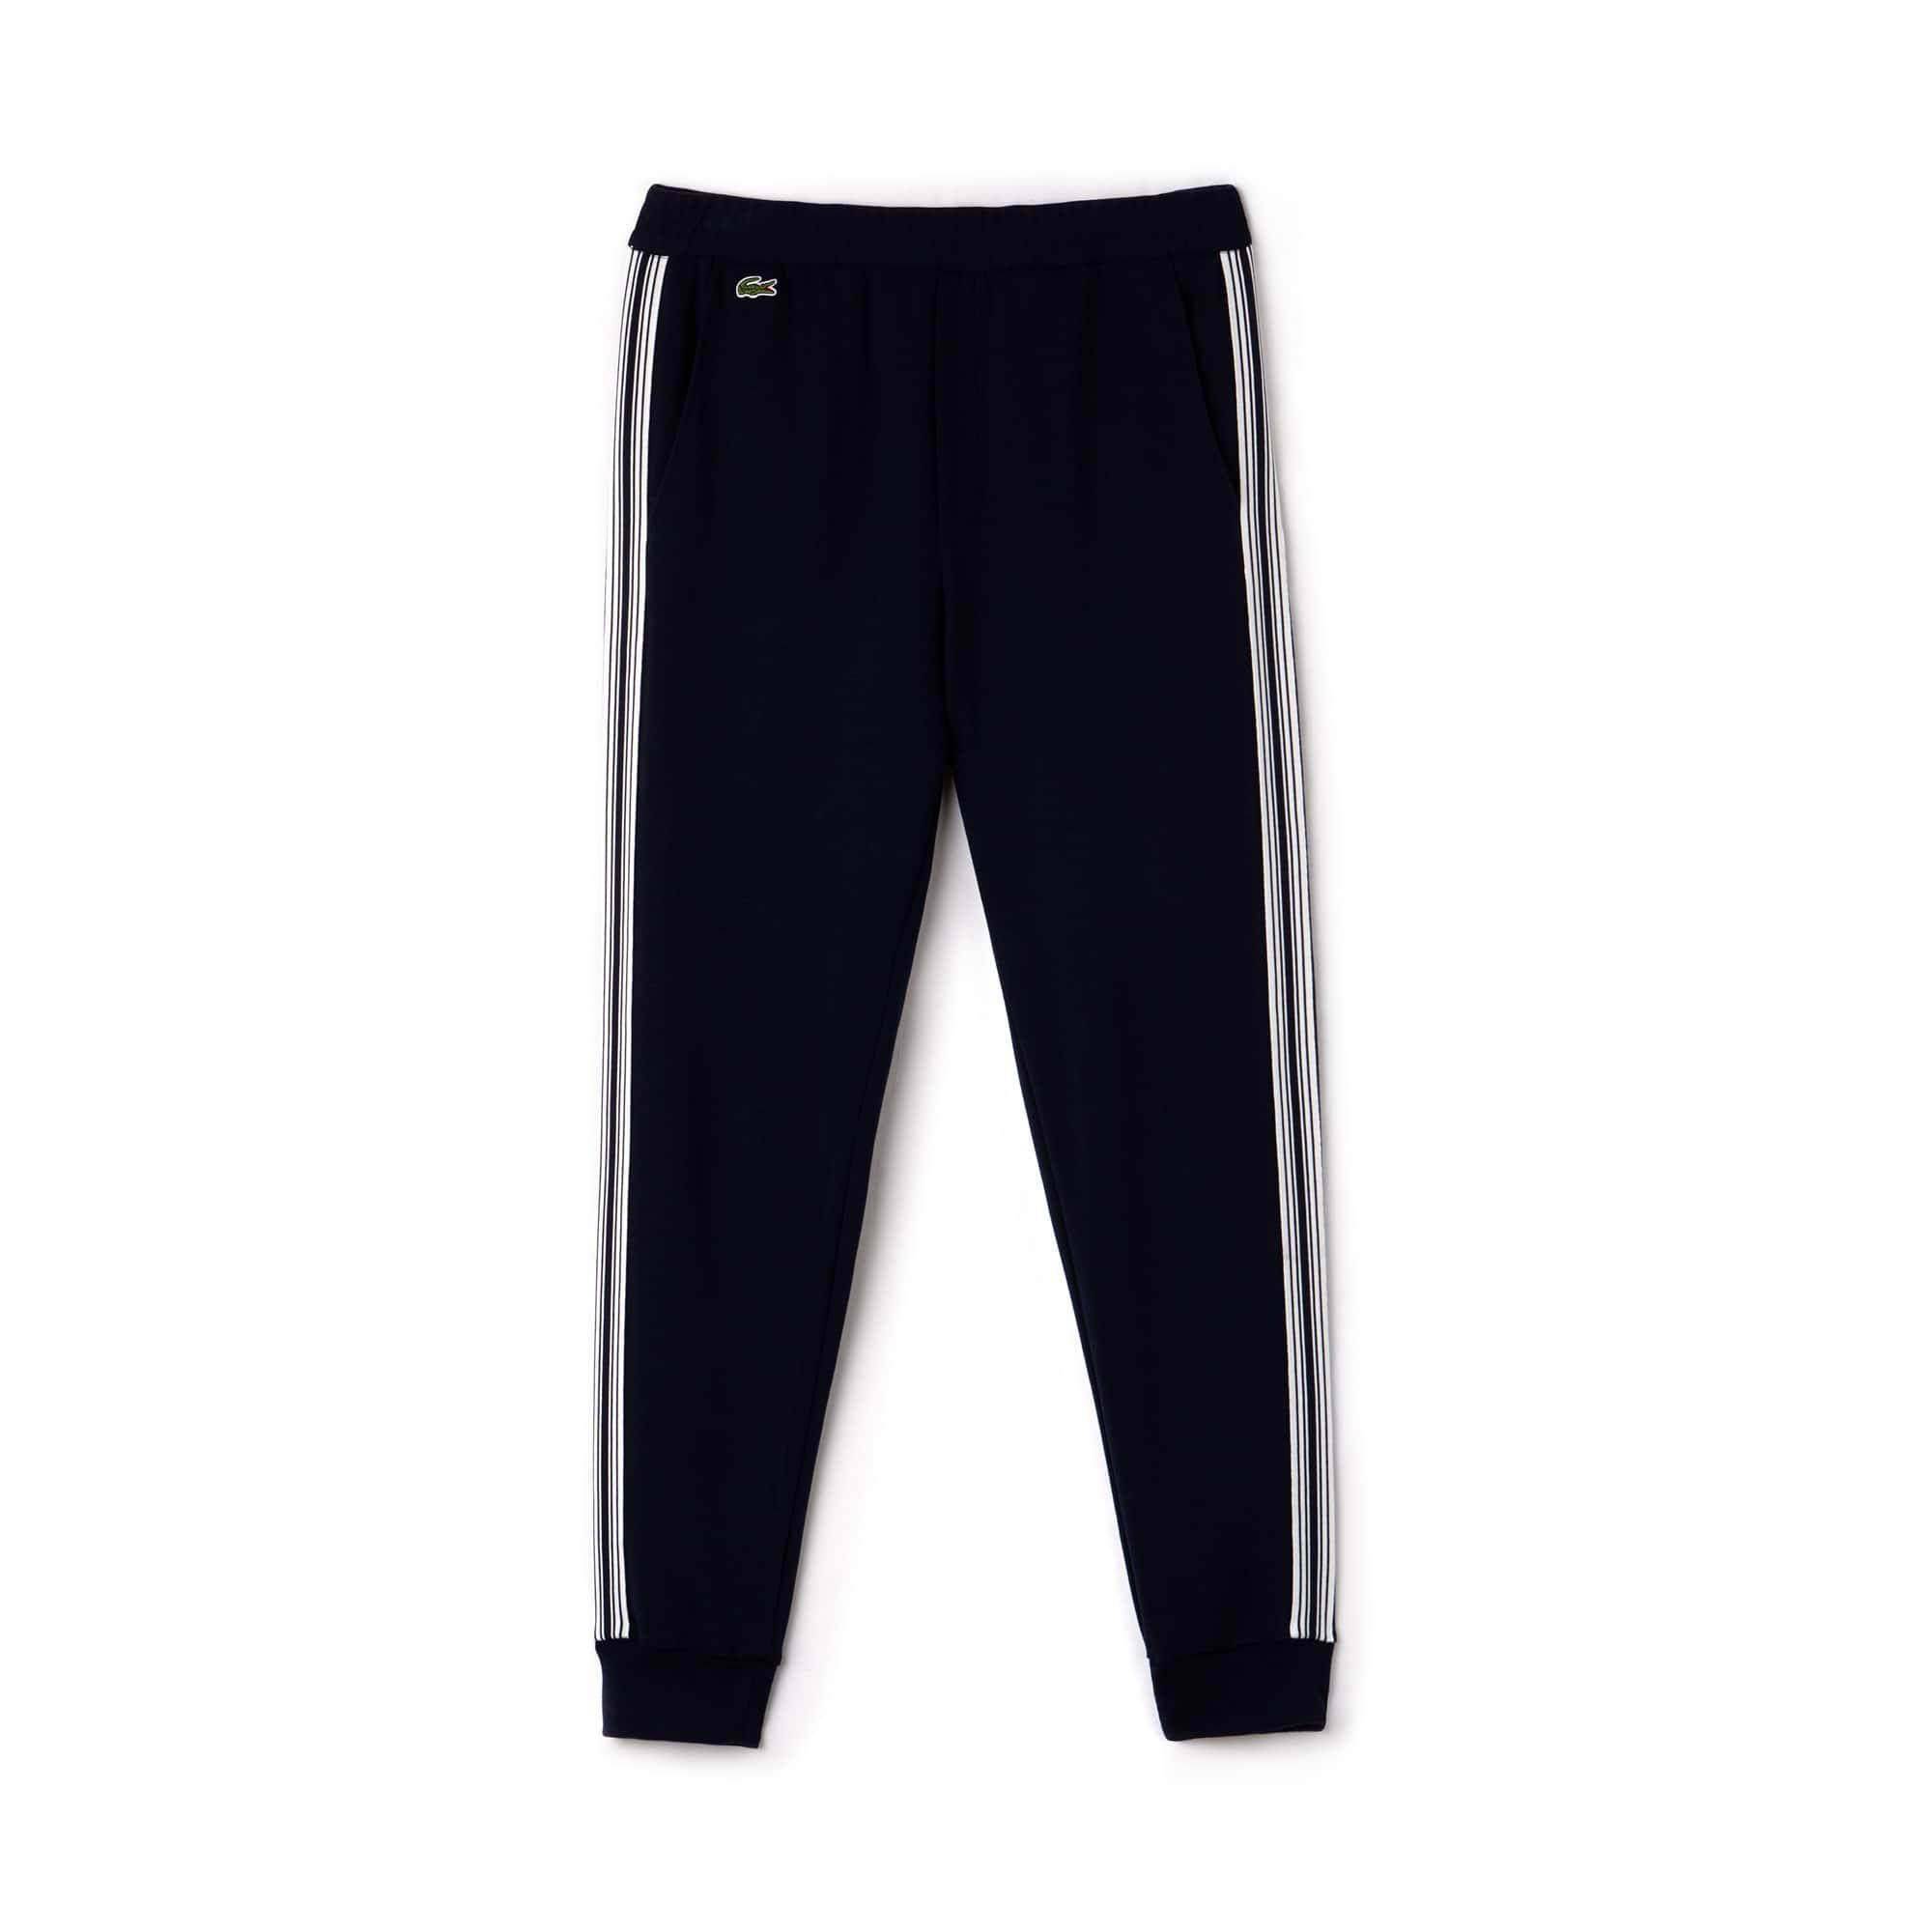 Calças de jogging urbanas em algodão milano com faixas a contrastar